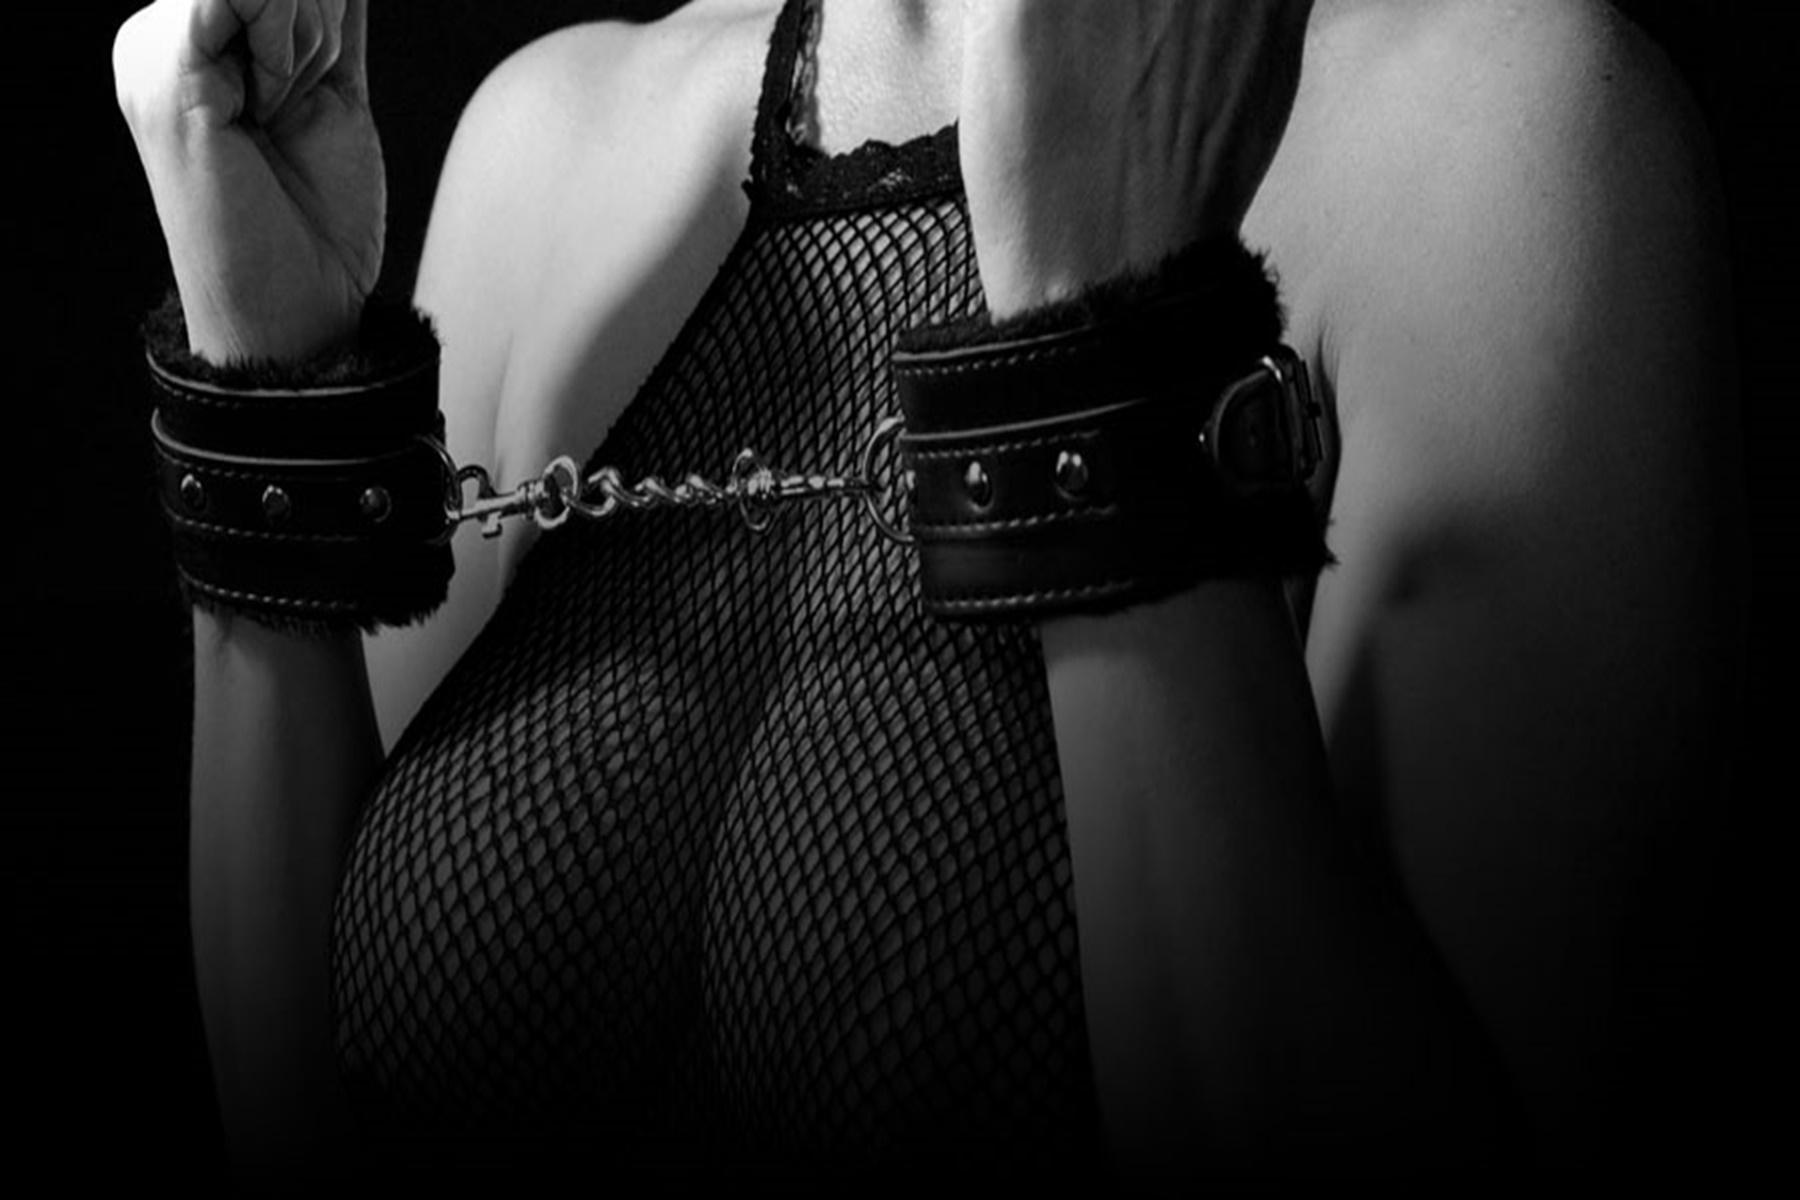 ΒDSM : Σκοτεινές σεξουαλικές επιθυμίες